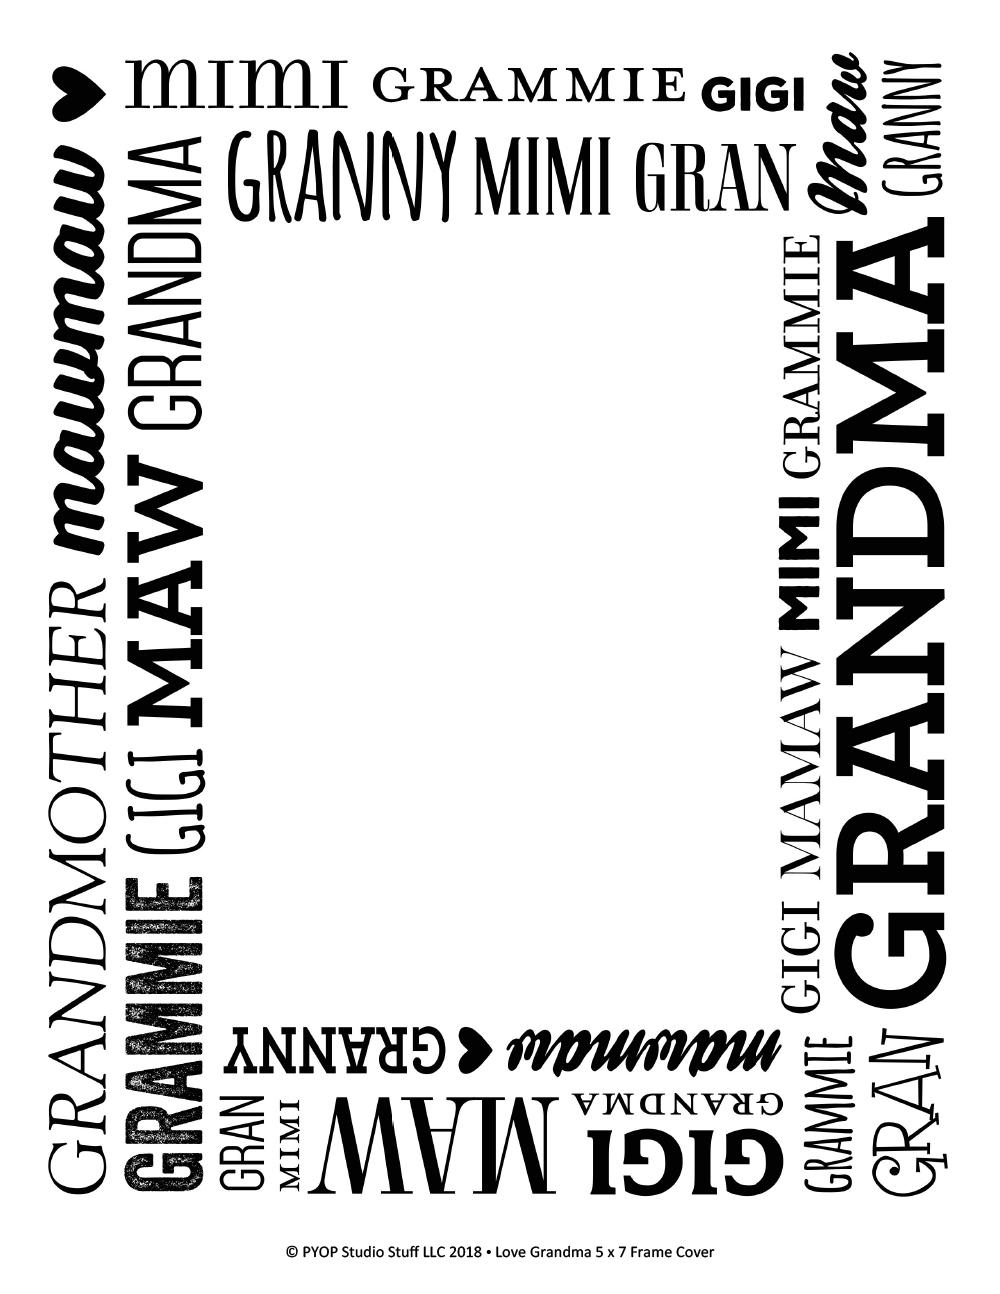 Love Grandma 57 Frame Pyop Studio Stuff